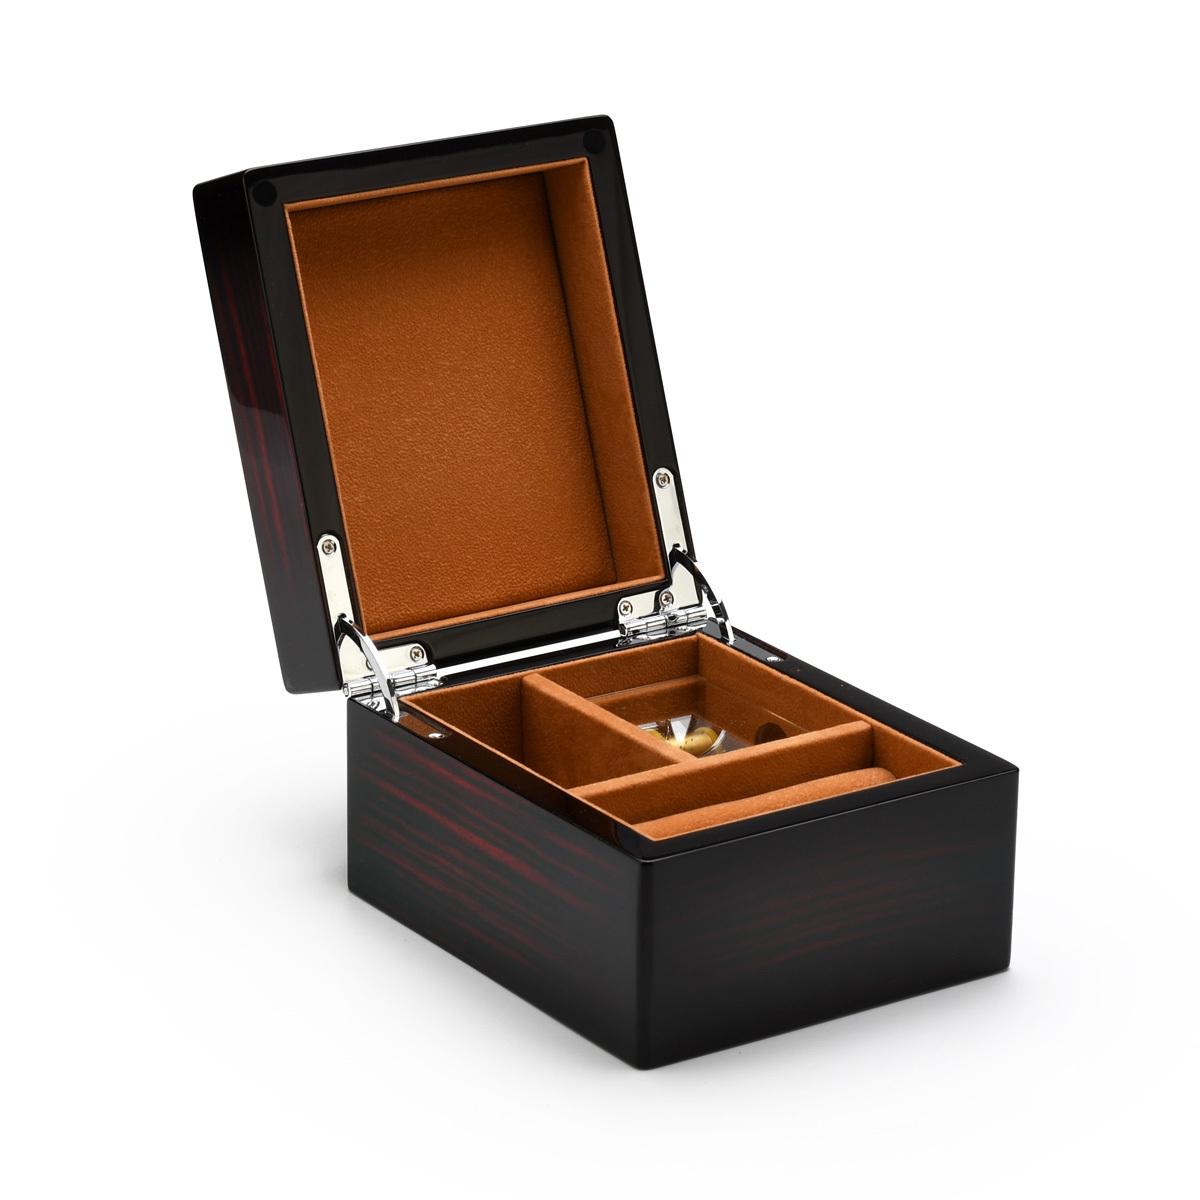 Modern Hi Gloss Macassar Finish 36 Note Music Jewelry Box